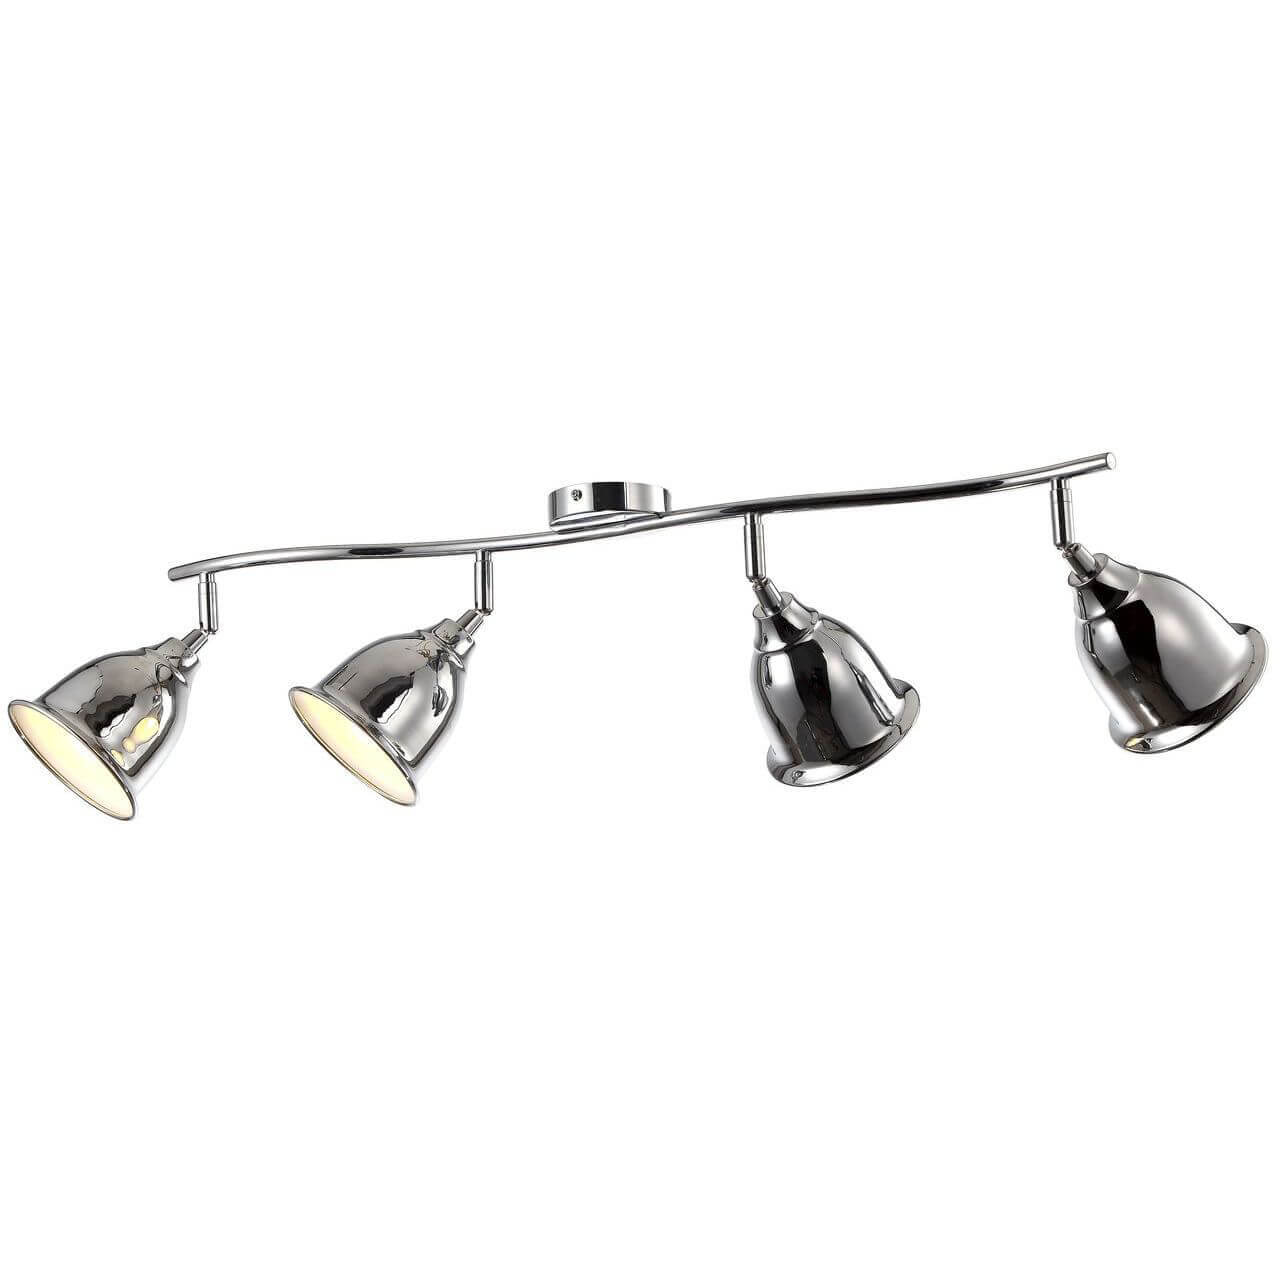 Спот Arte Lamp A9557PL-4CC Campana светильник спот arte lamp campana a9557pl 5bg